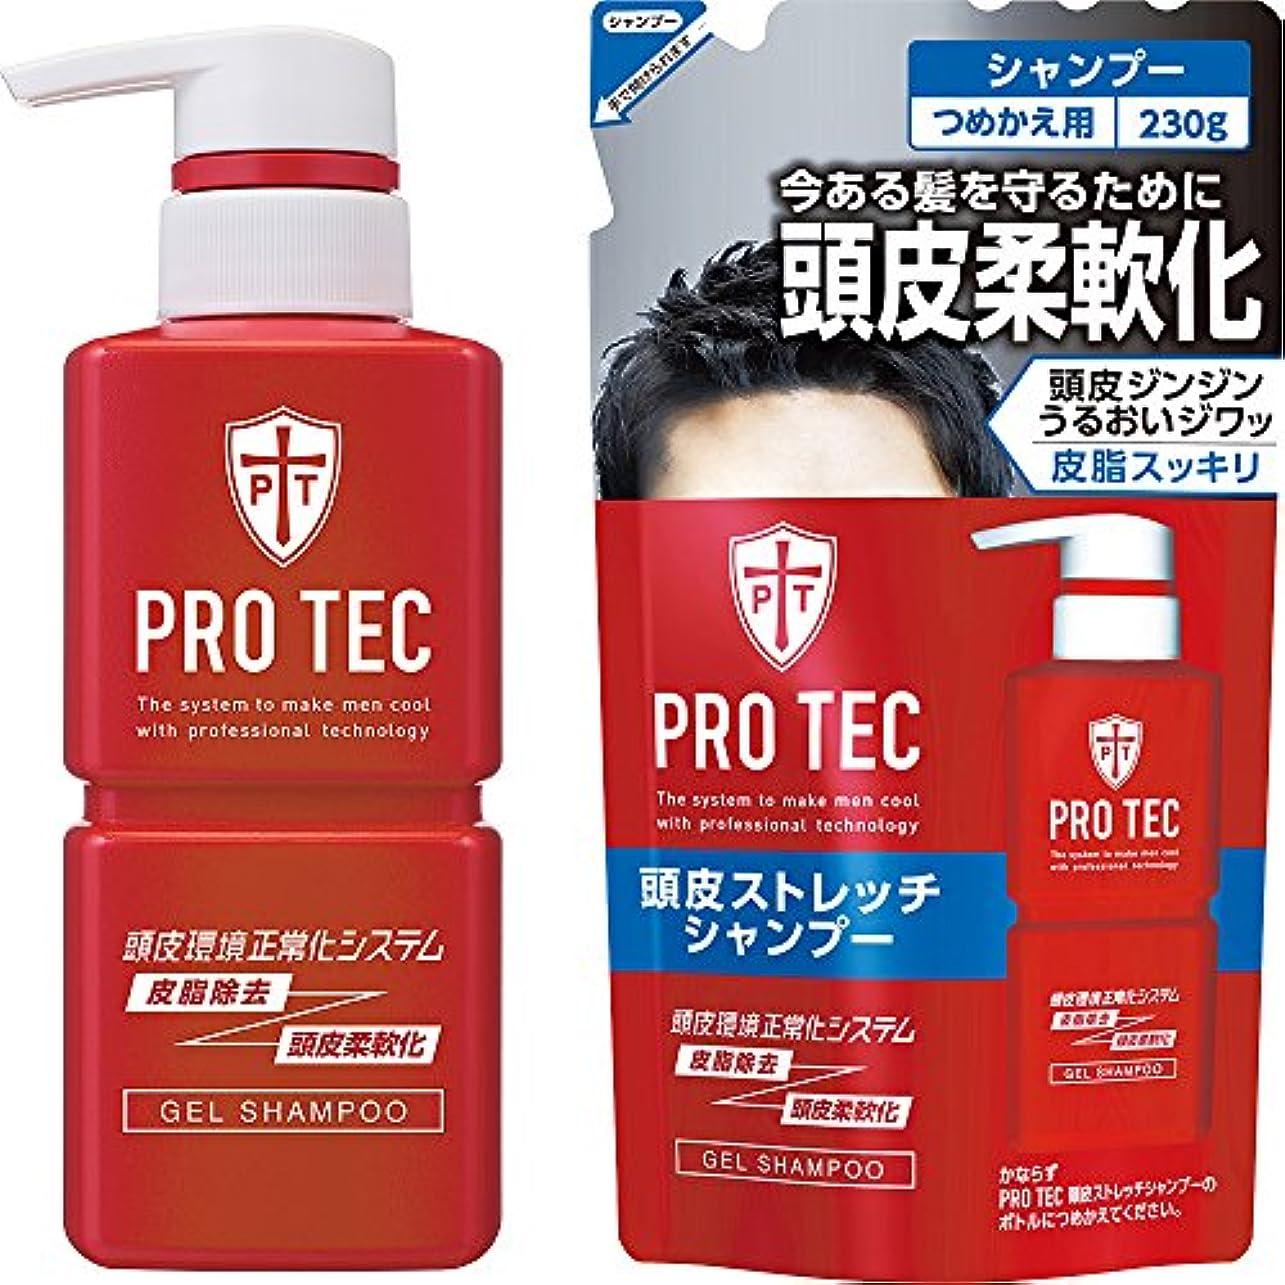 畝間食事本当にPRO TEC(プロテク) 頭皮ストレッチシャンプー 本体ポンプ300g+詰め替え230g セット(医薬部外品)